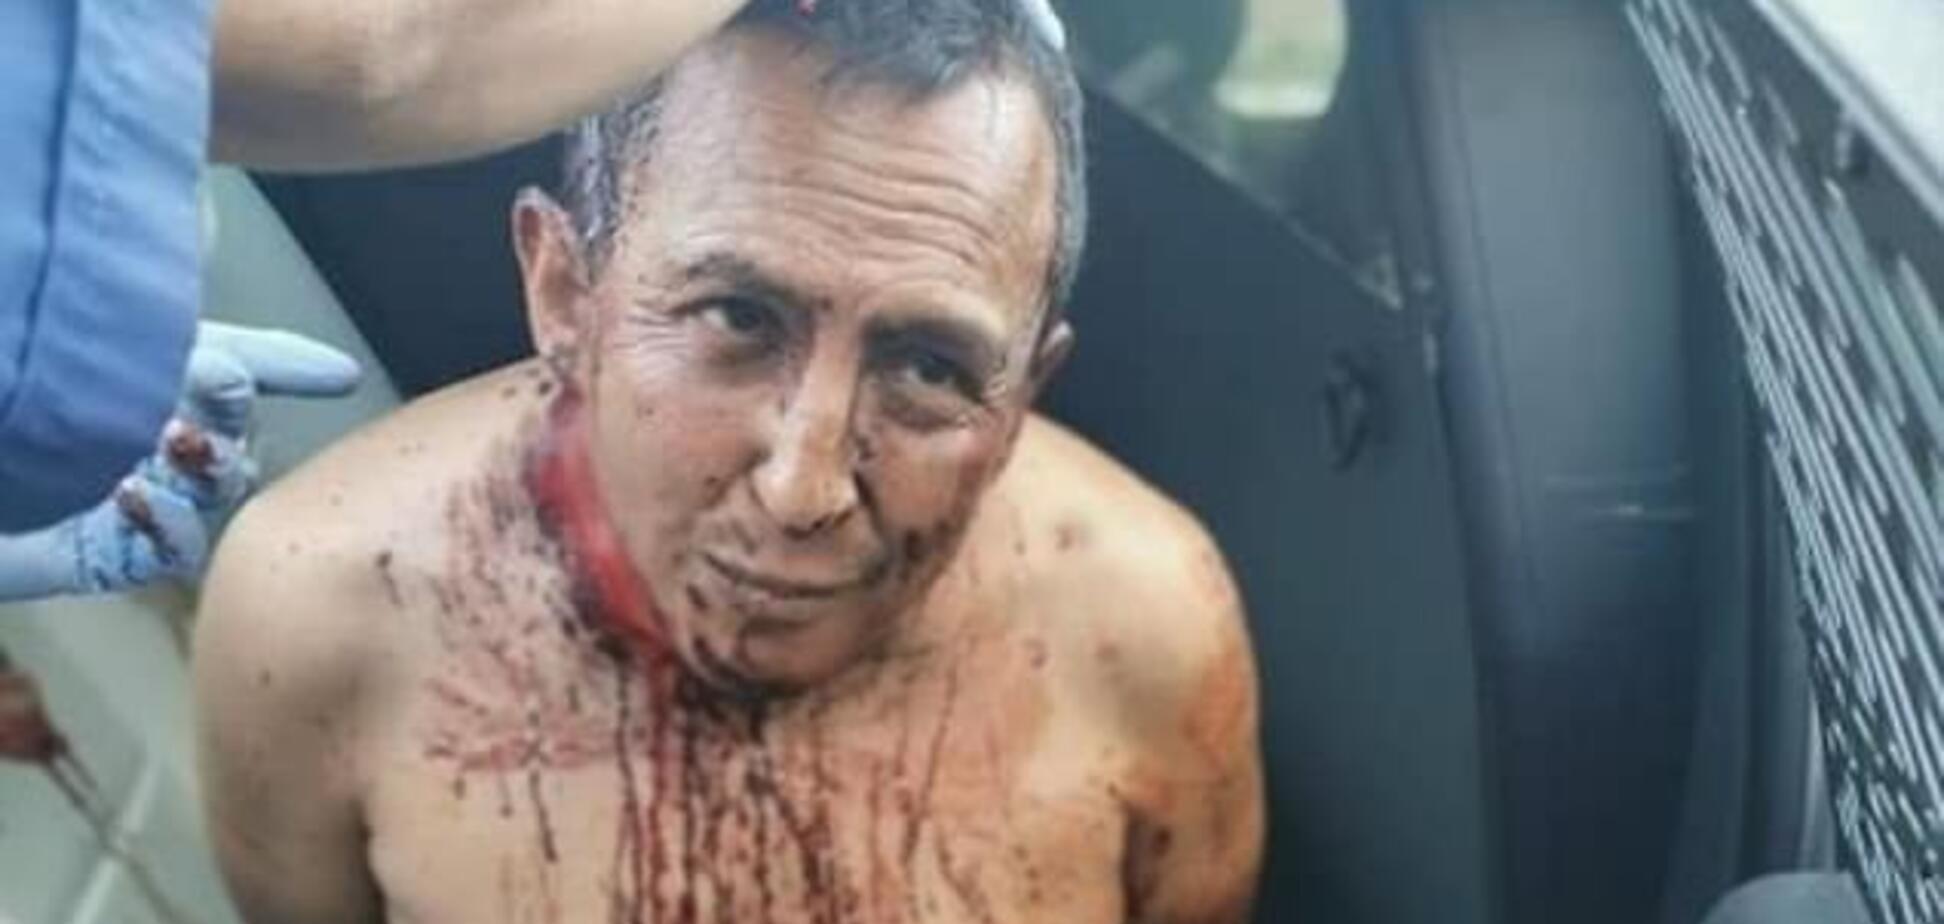 Зняв шкіру, вирізав очі і розчленував дружину: в Мексиці повстали через звіряче вбивство. Фото і відео 18+